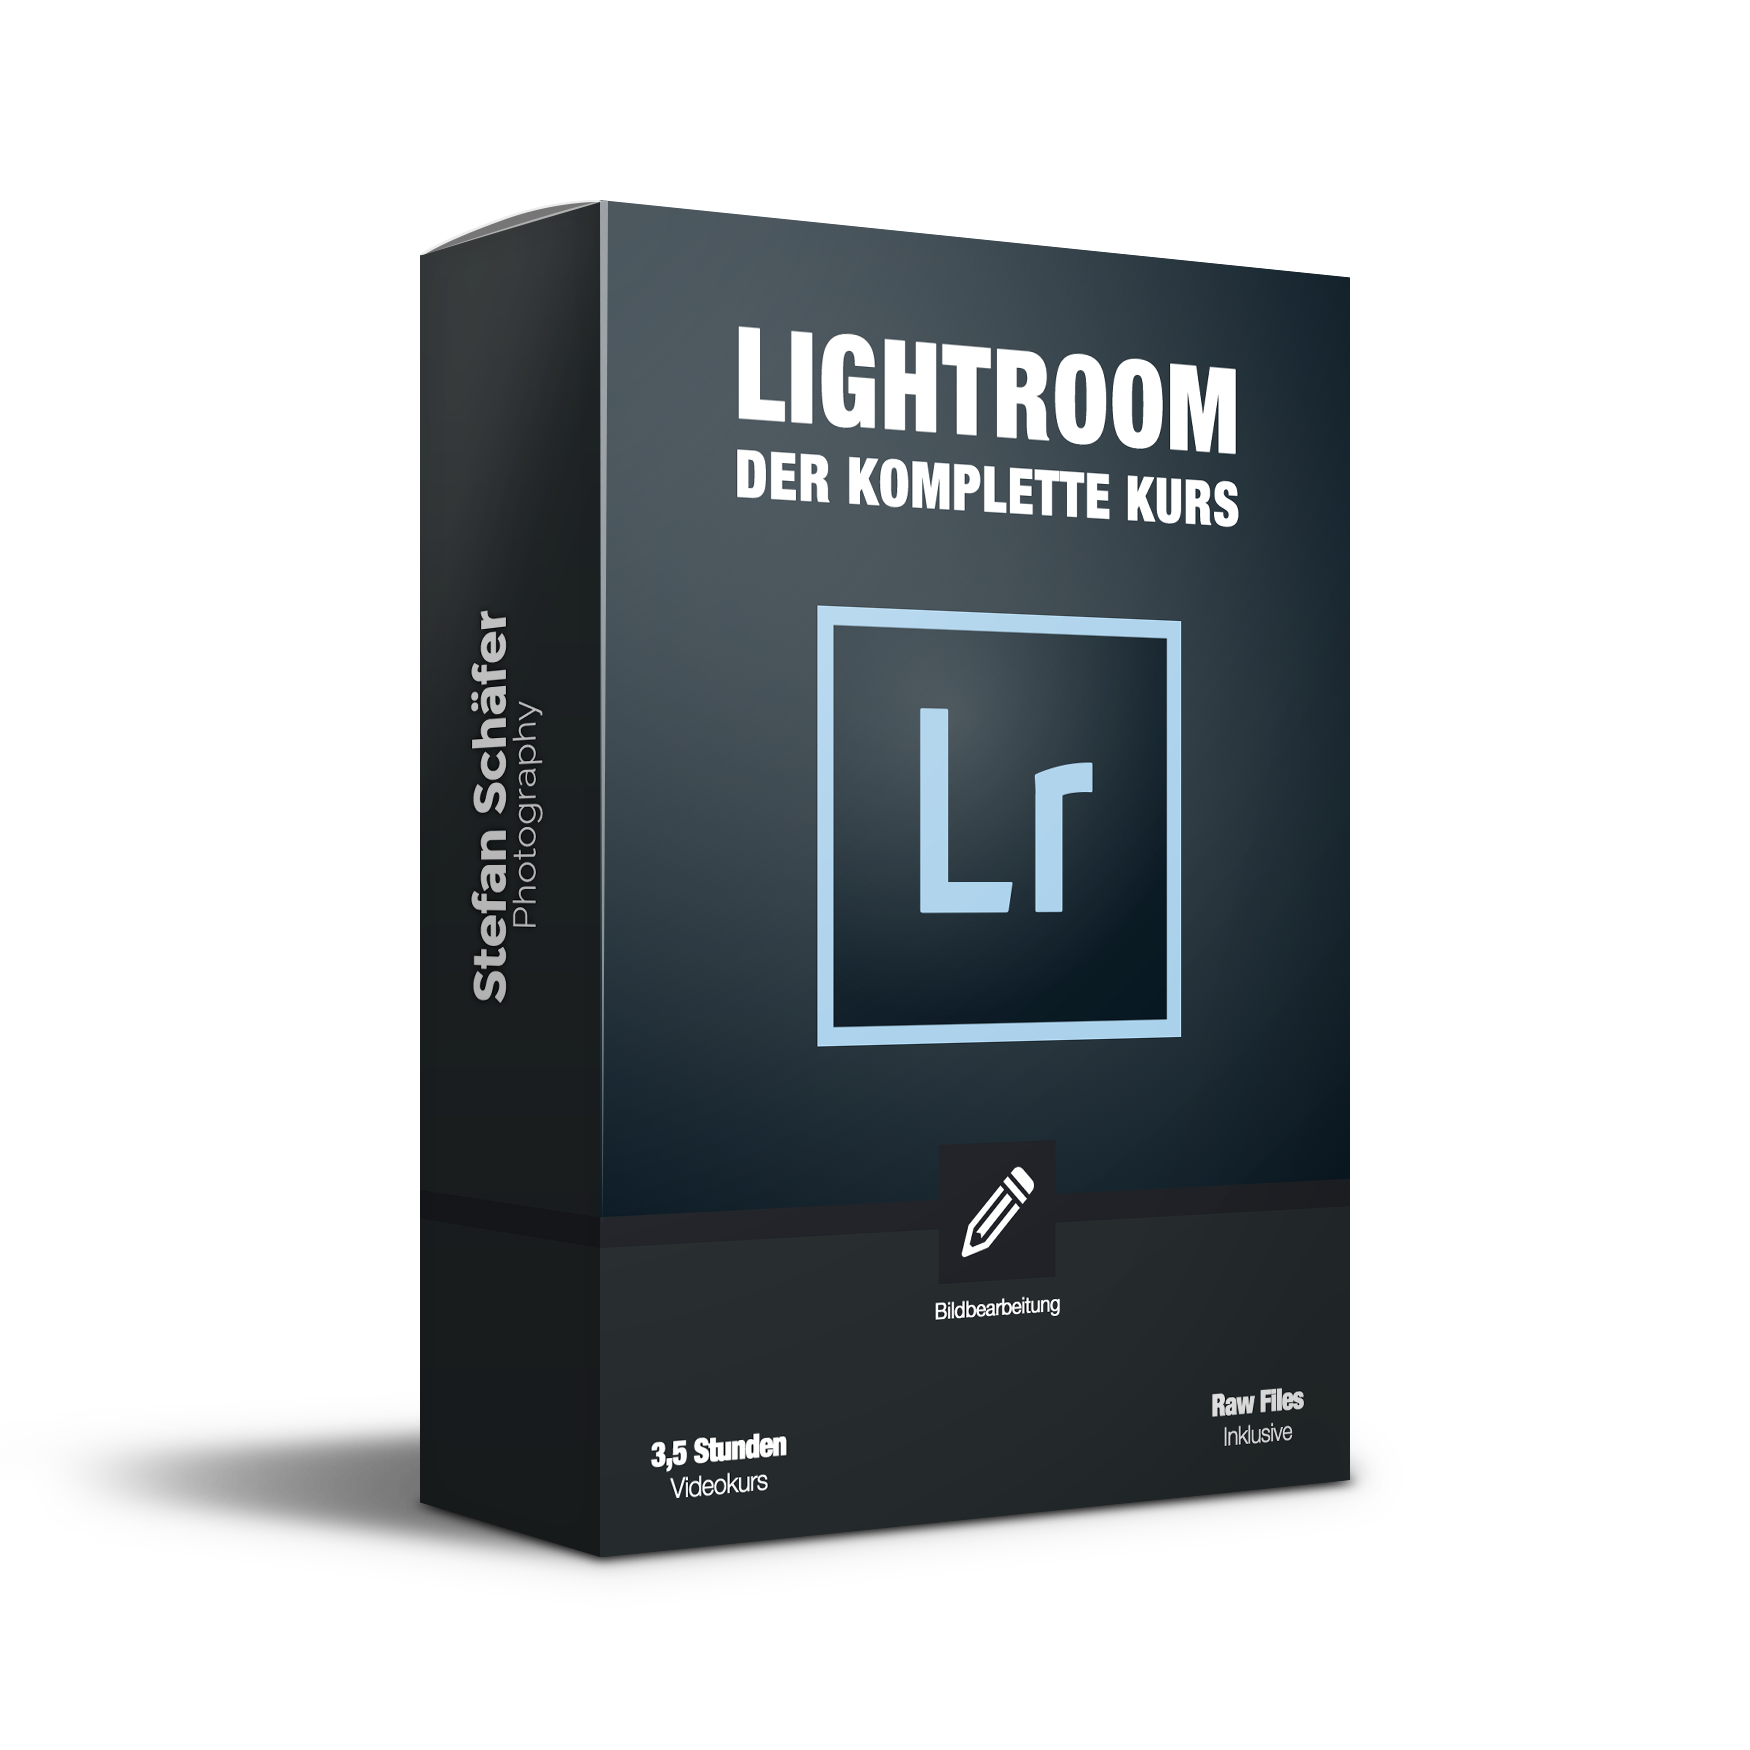 Lightroom Video Training Tutorial